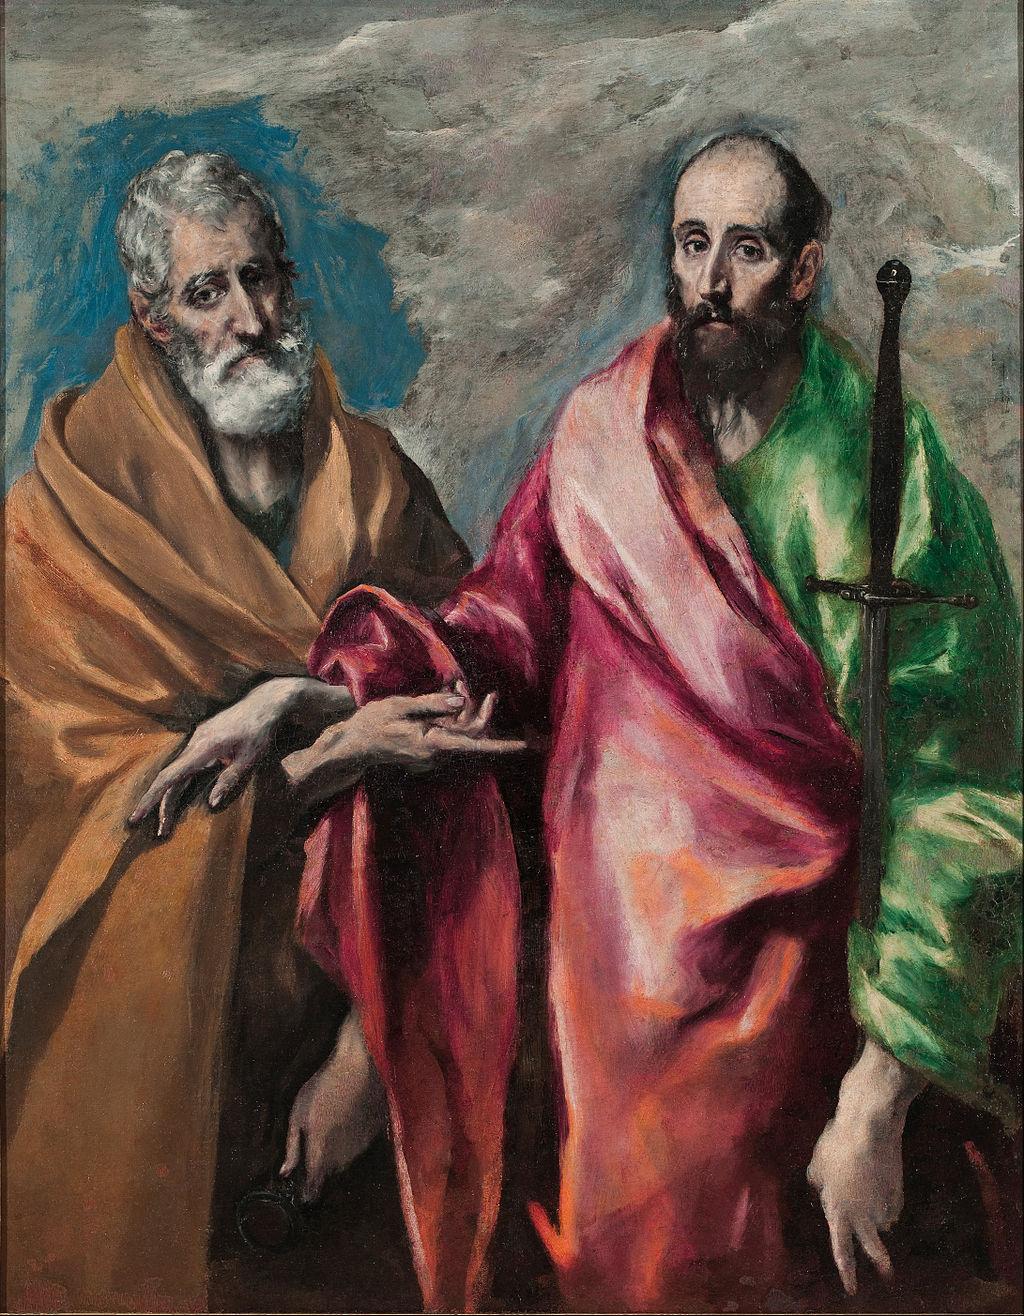 El Greco, Święty Piotr i Paweł, 1595-1600